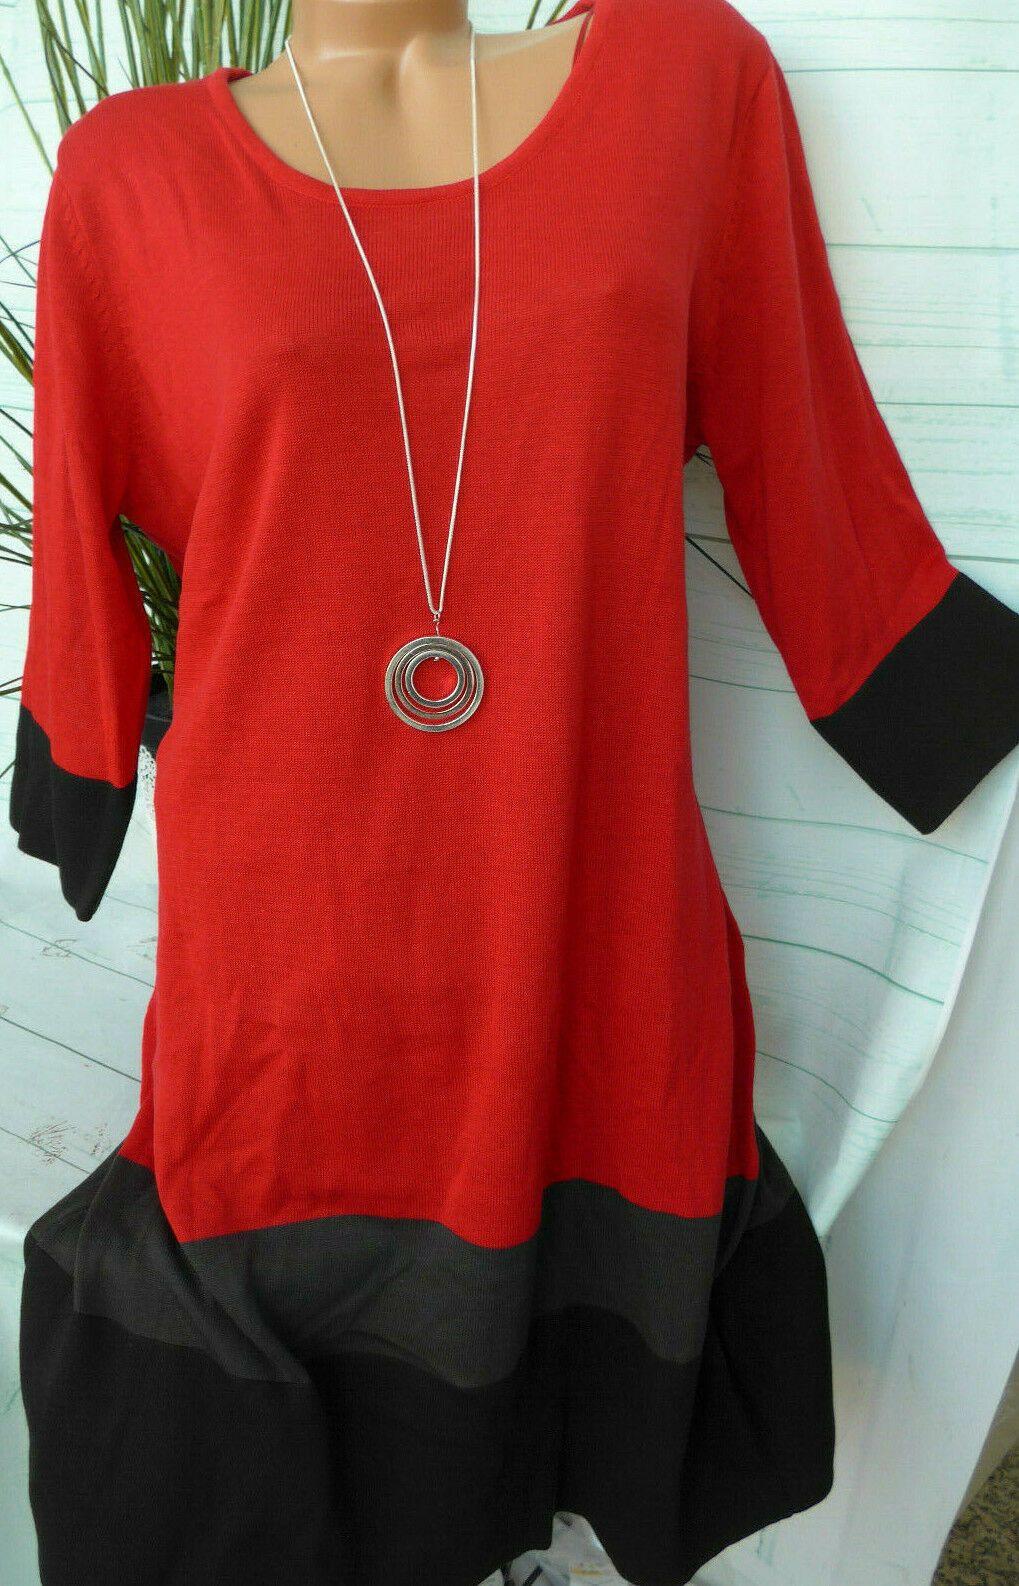 Sheego Damen Kleid Strickkleid Gr. 15 und 15 Rot Grau Schwarz (15